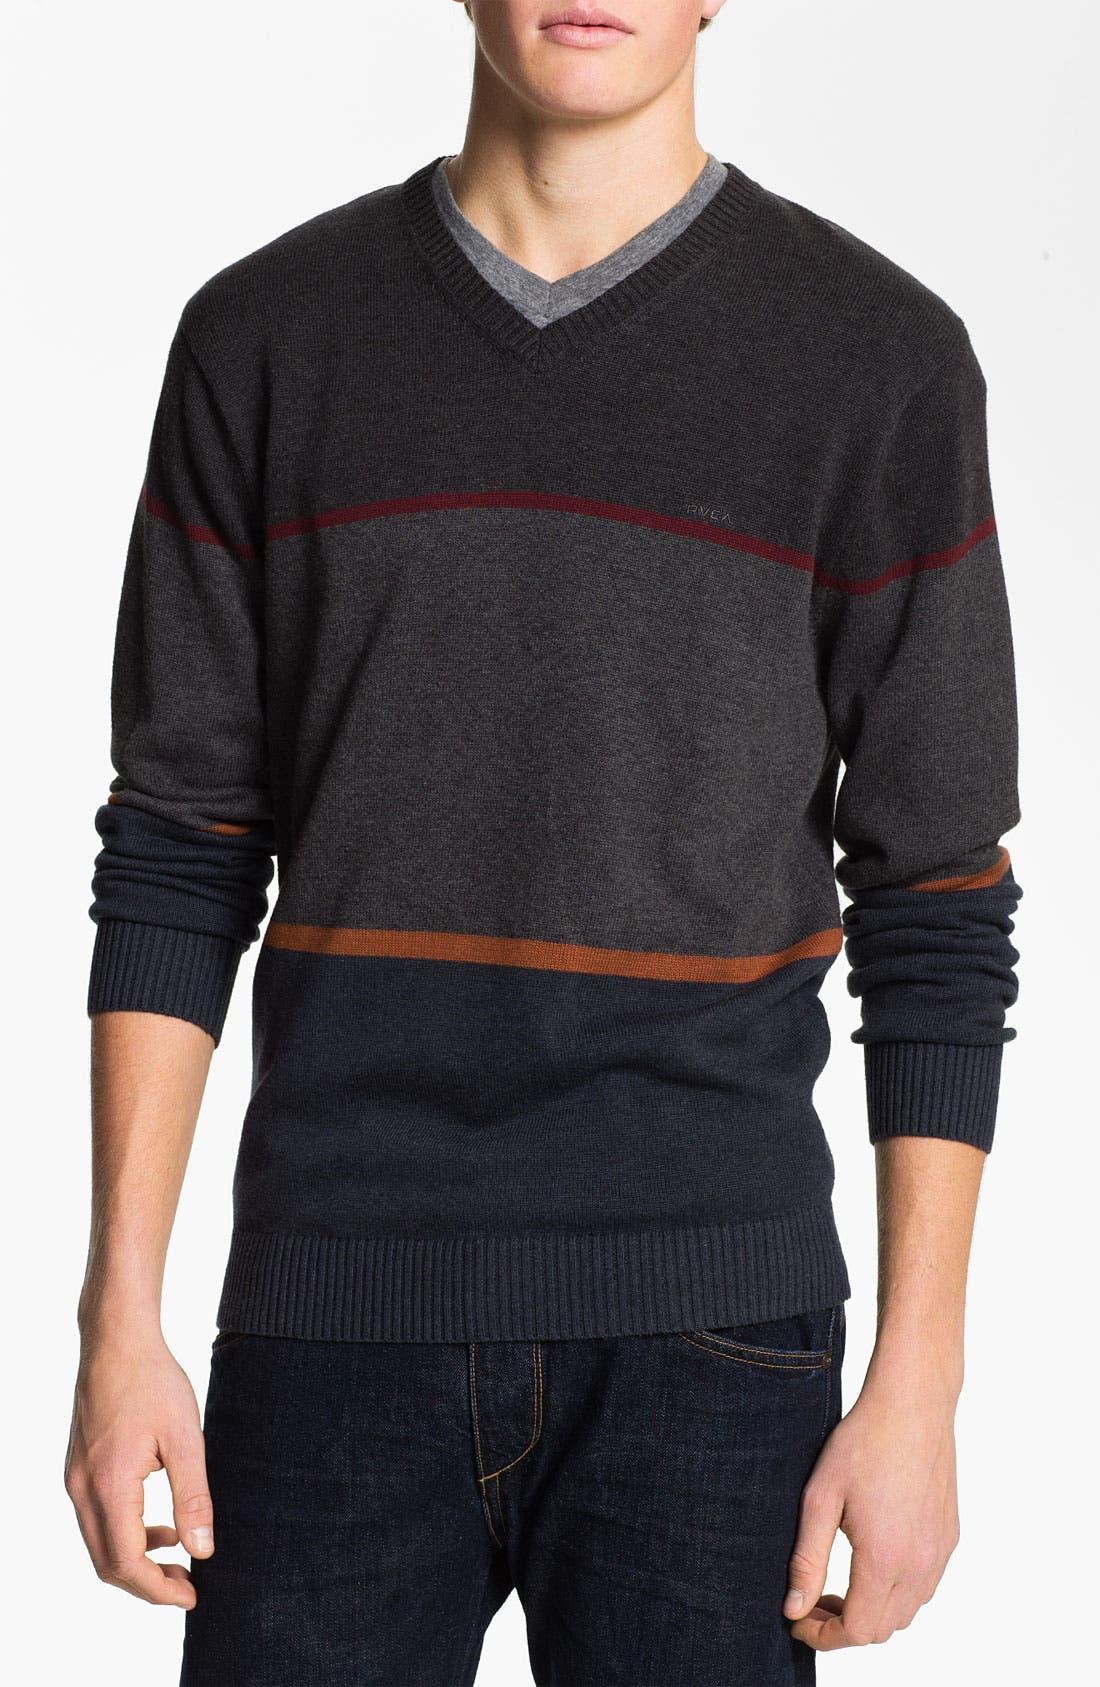 Alternate Image 1 Selected - RVCA Stripe Crewneck Sweater